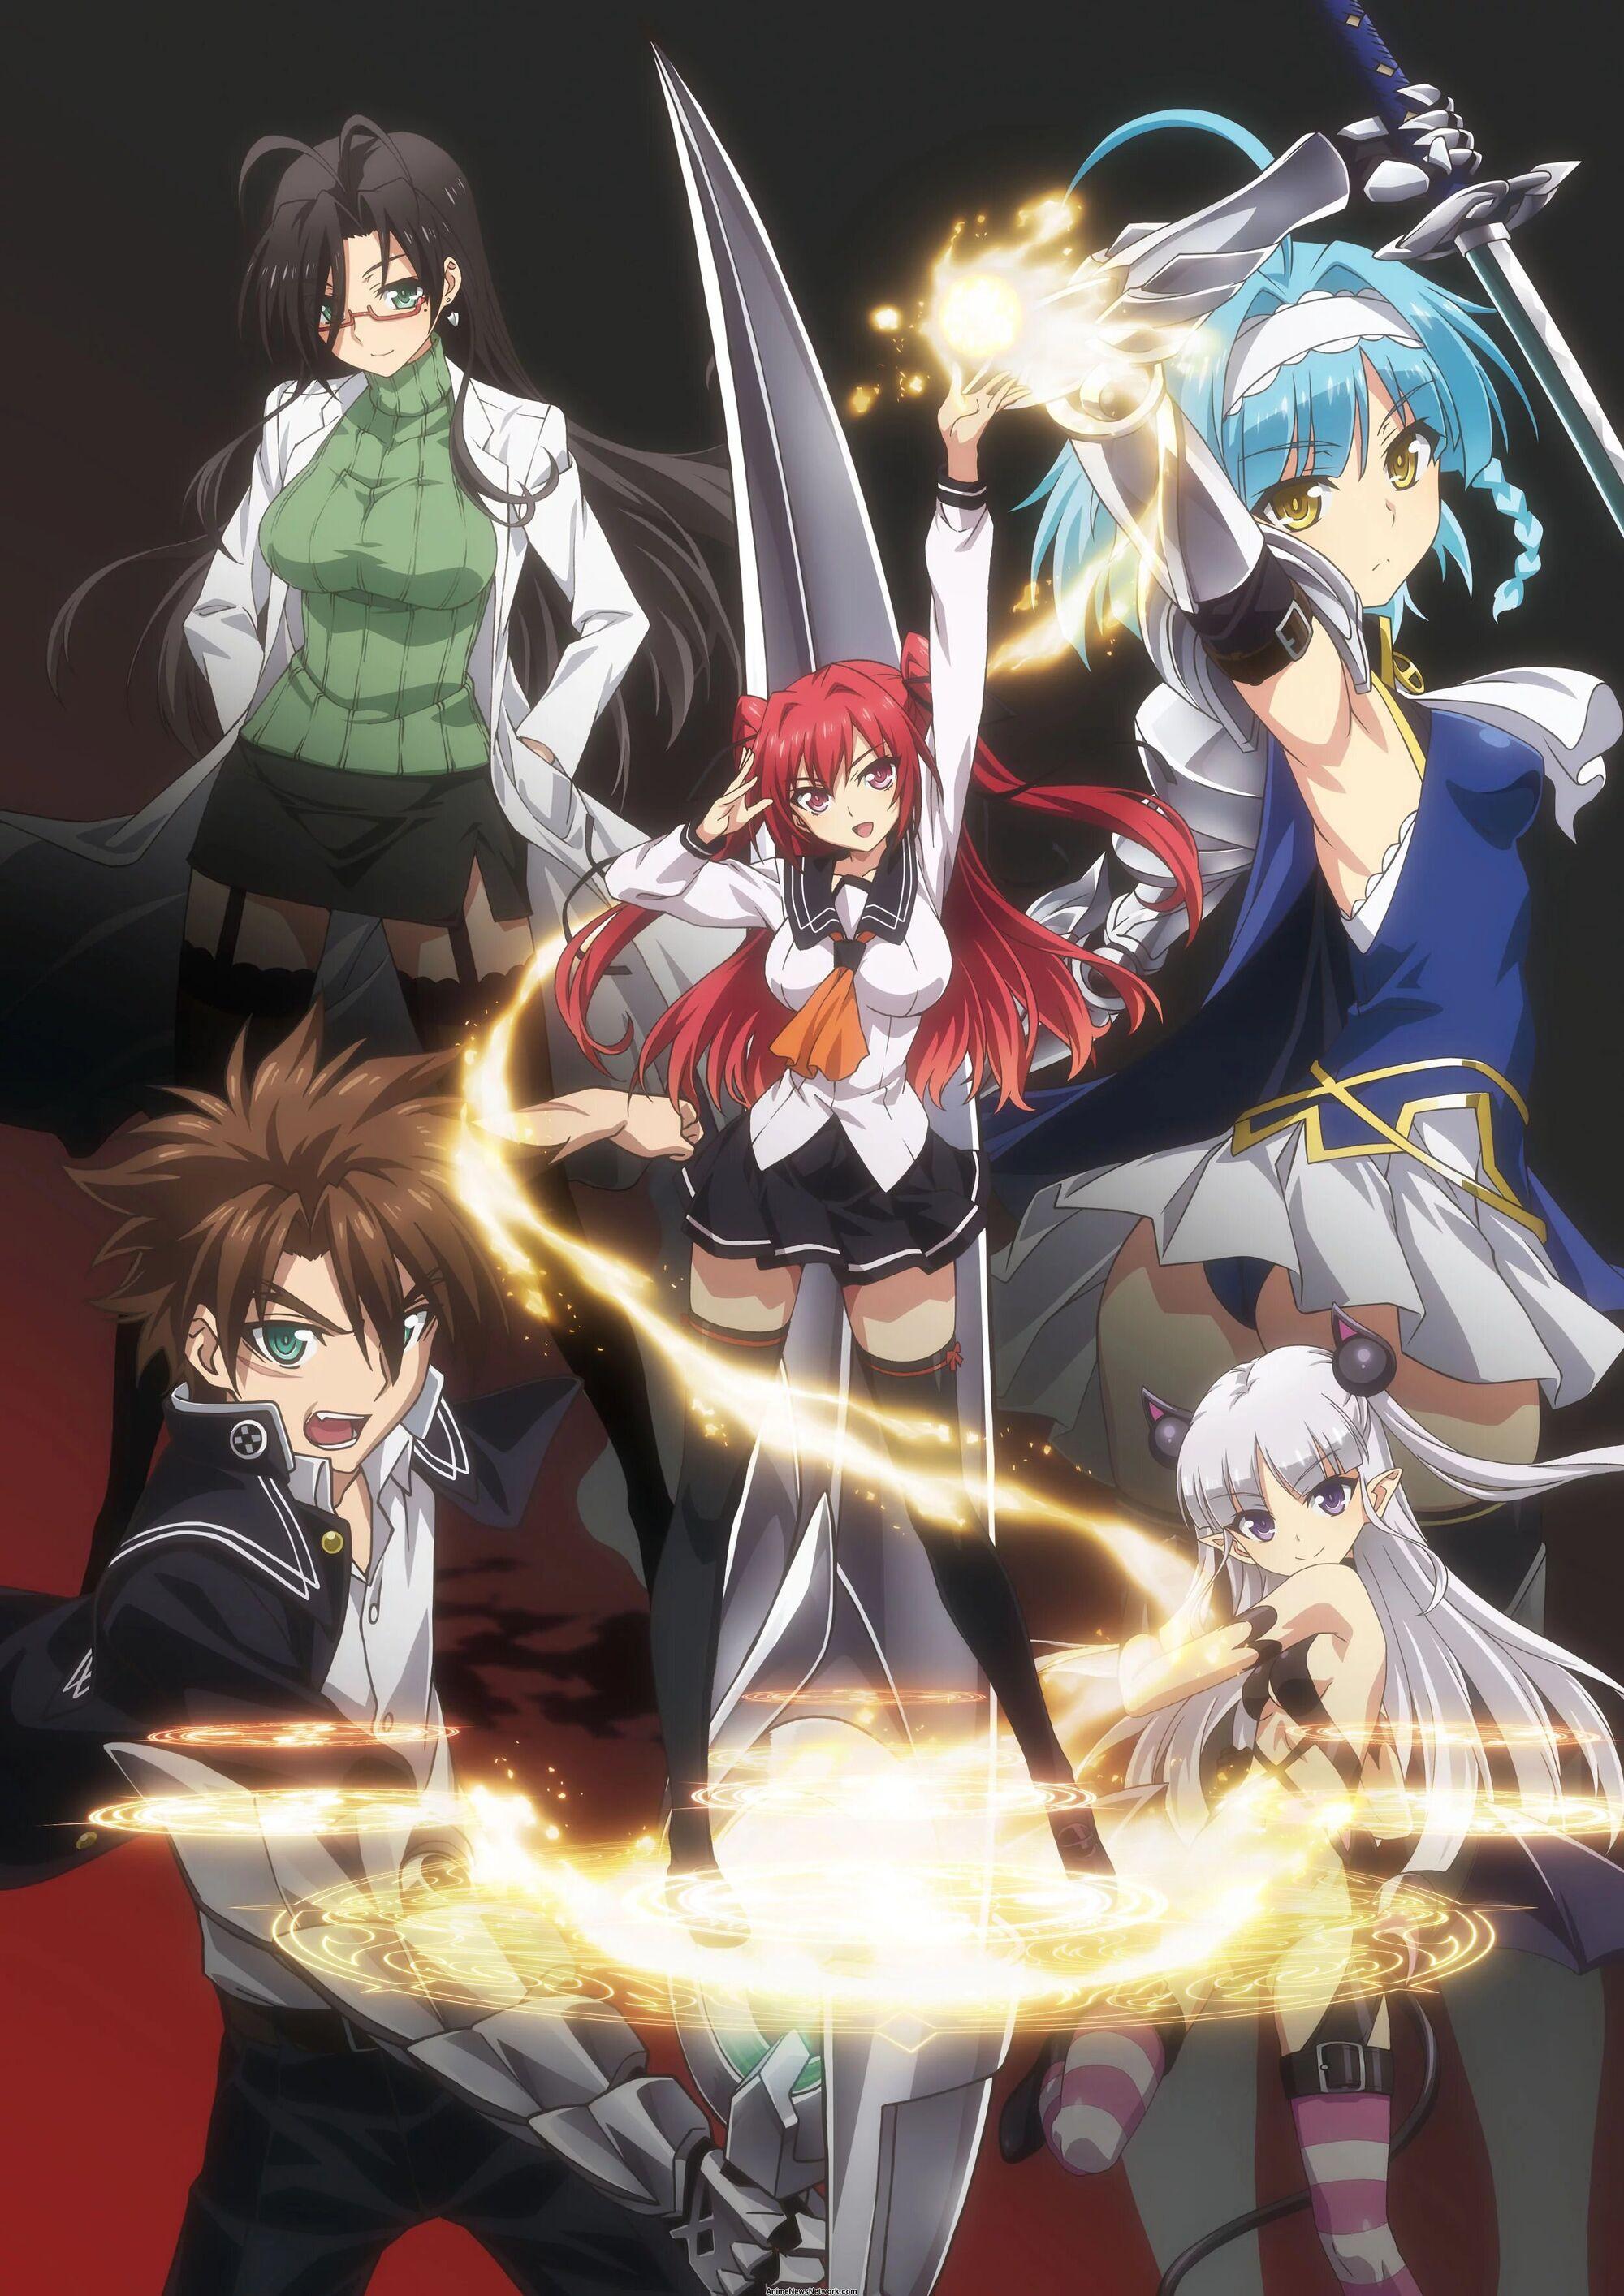 Shinmai no testament anime